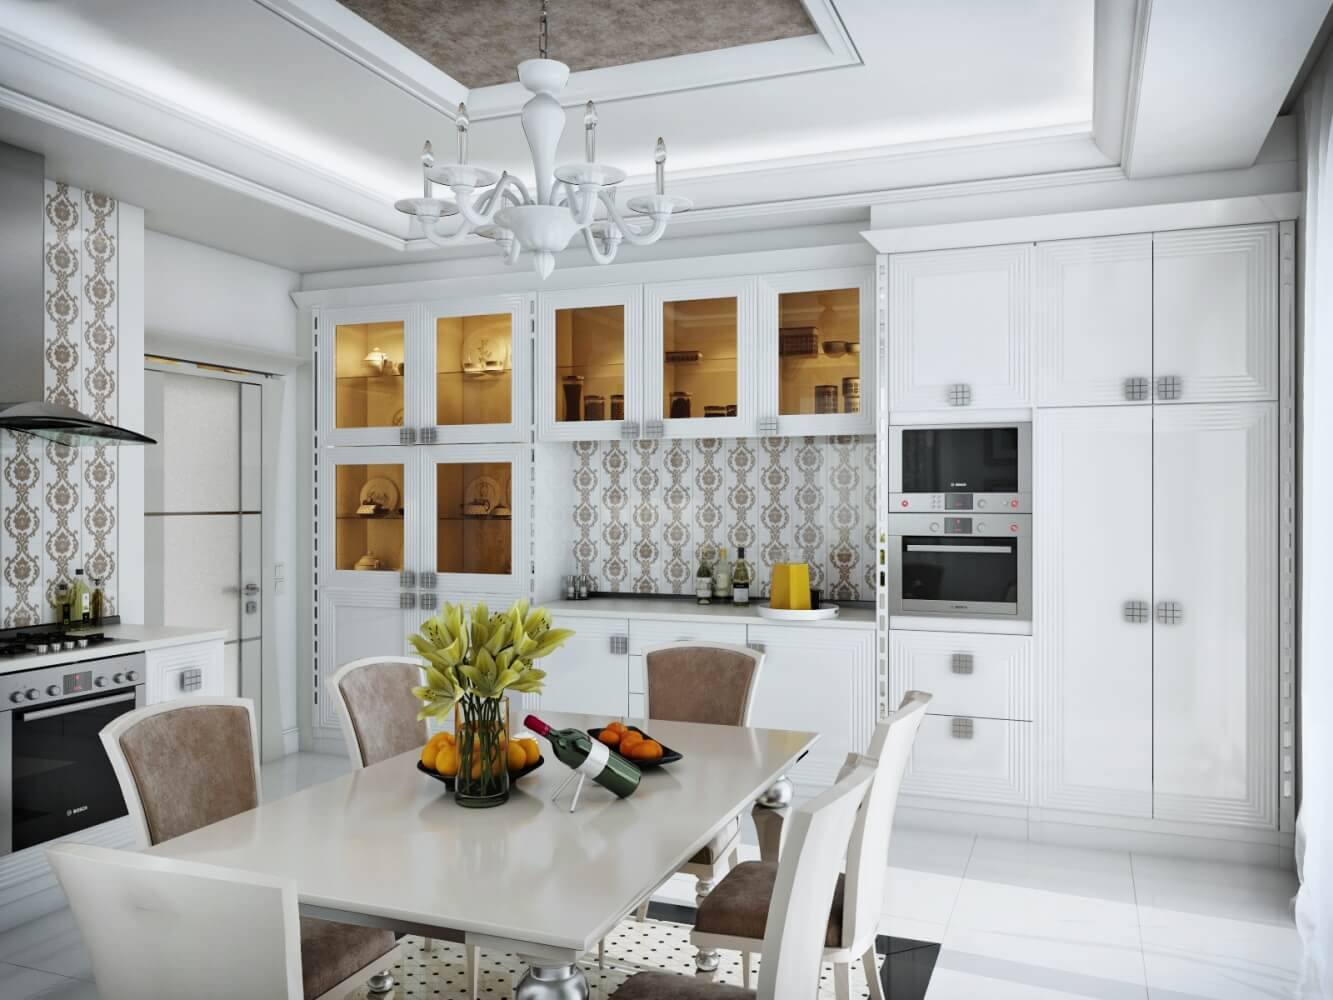 дизайн кухни в стиле арт деко фото озвучил намерение поставить